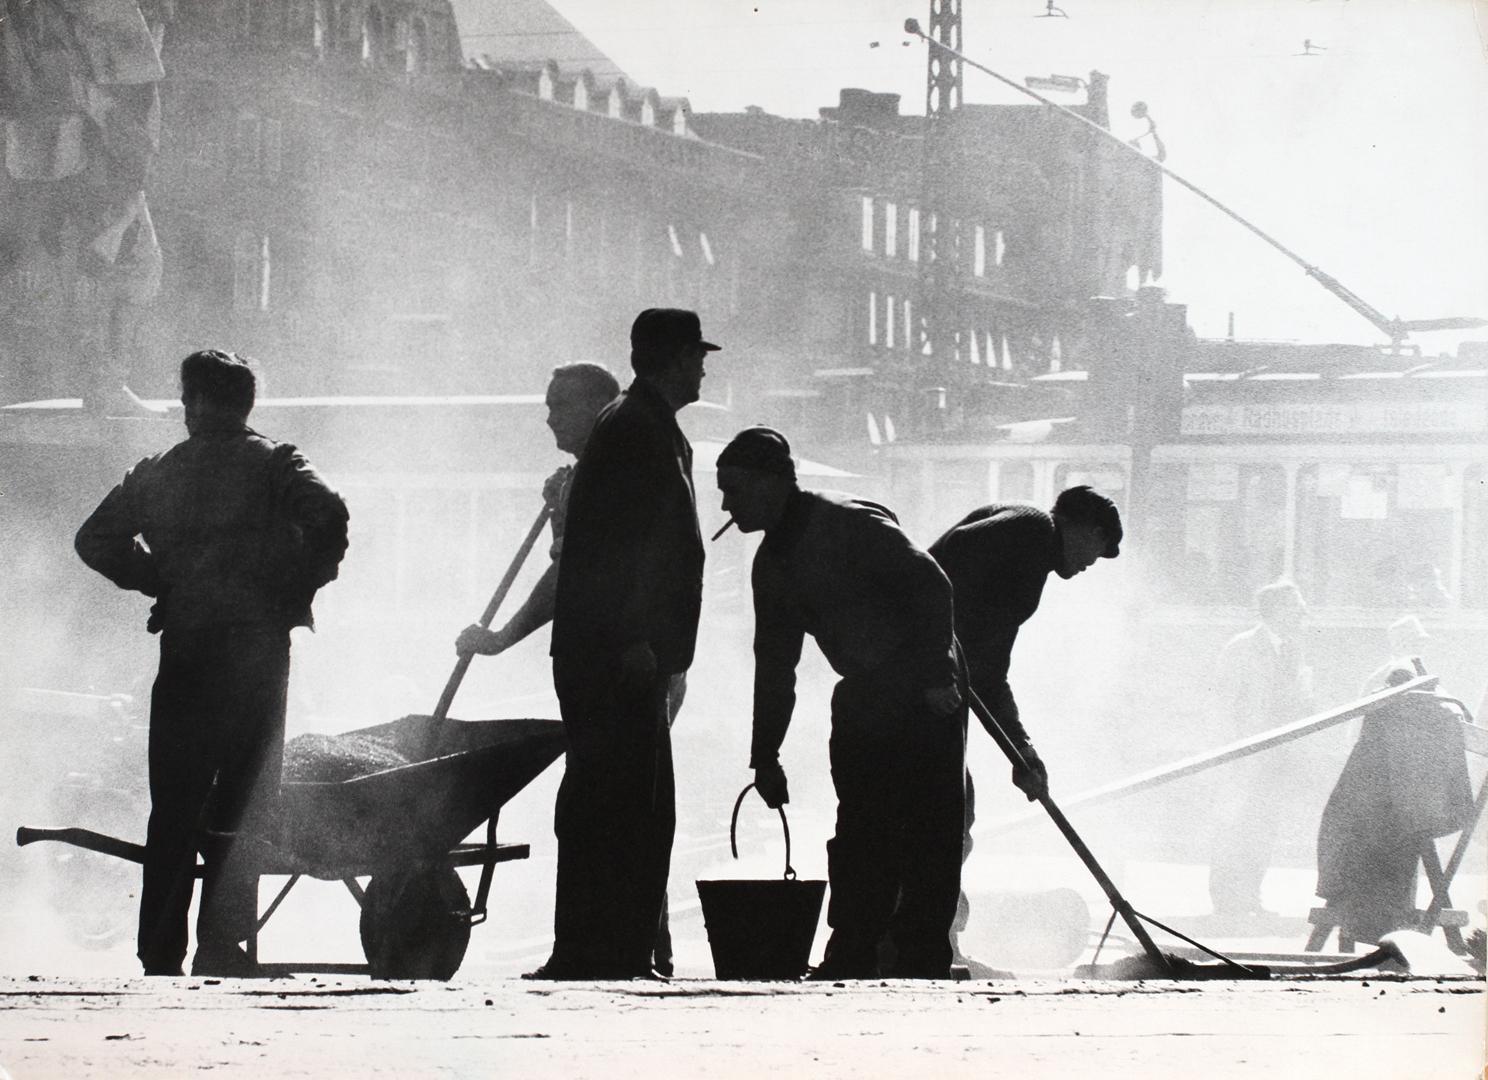 Hans E. Anderen Workers ca. 1963